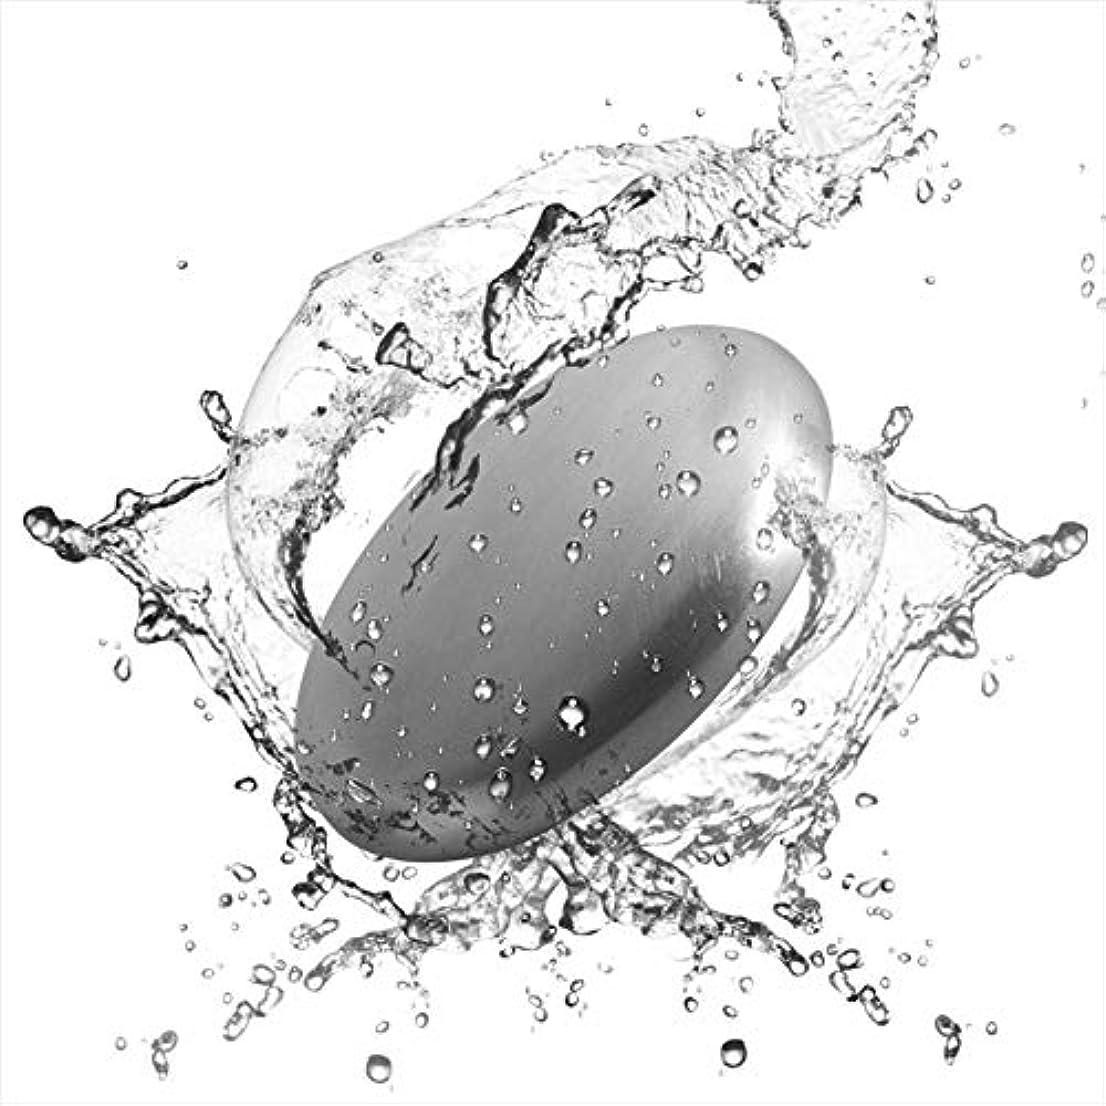 ドリル生産性ドルRefoiner ステンレス製品 ソープ 実用的な台所用具 石鹸 魚臭 玉ねぎやニンニク 異臭を取り除く 2個